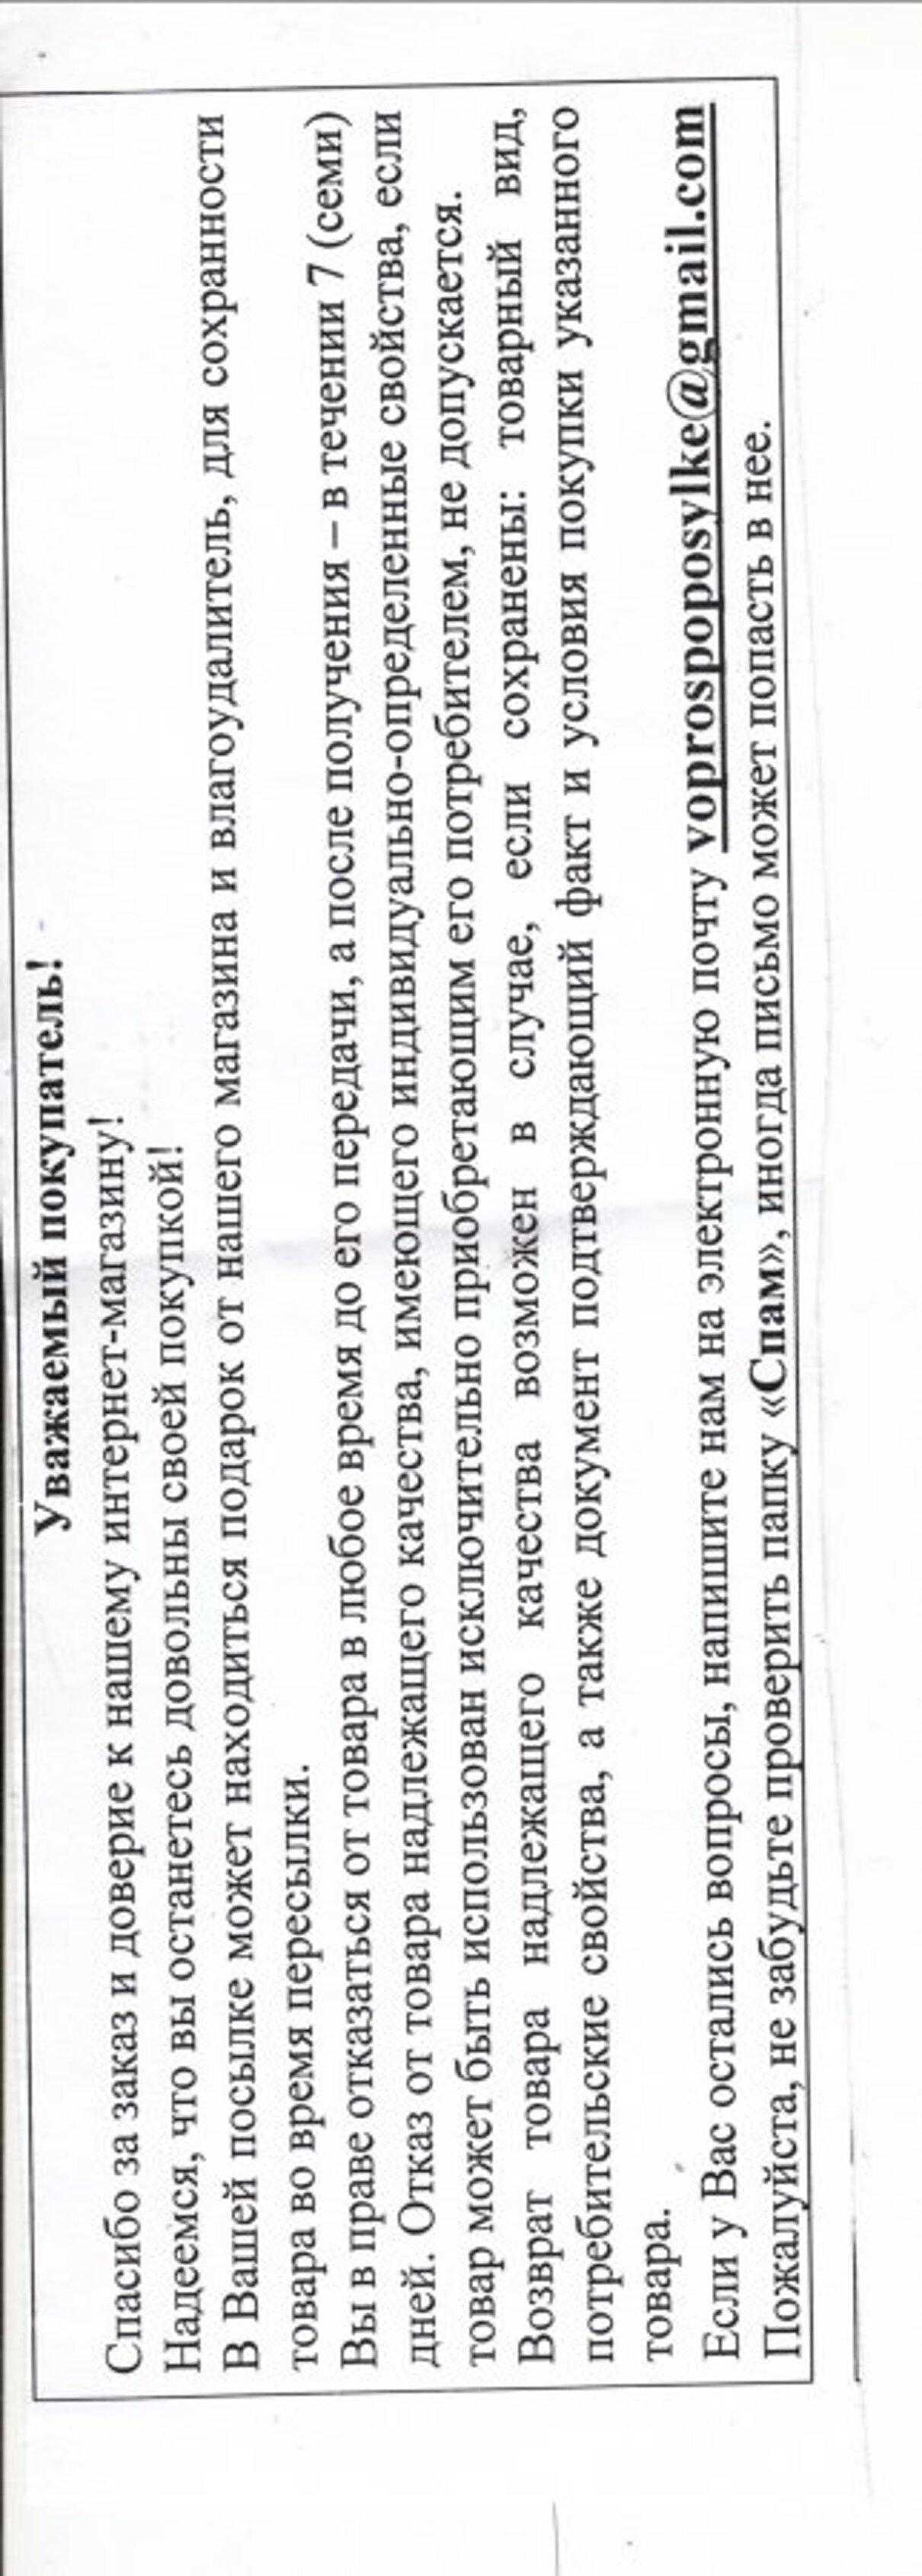 Жалоба-отзыв: ЗАО Сервис дистанционной торговли - Генеральному директору Носову Сергею Игоревичу.  Фото №4